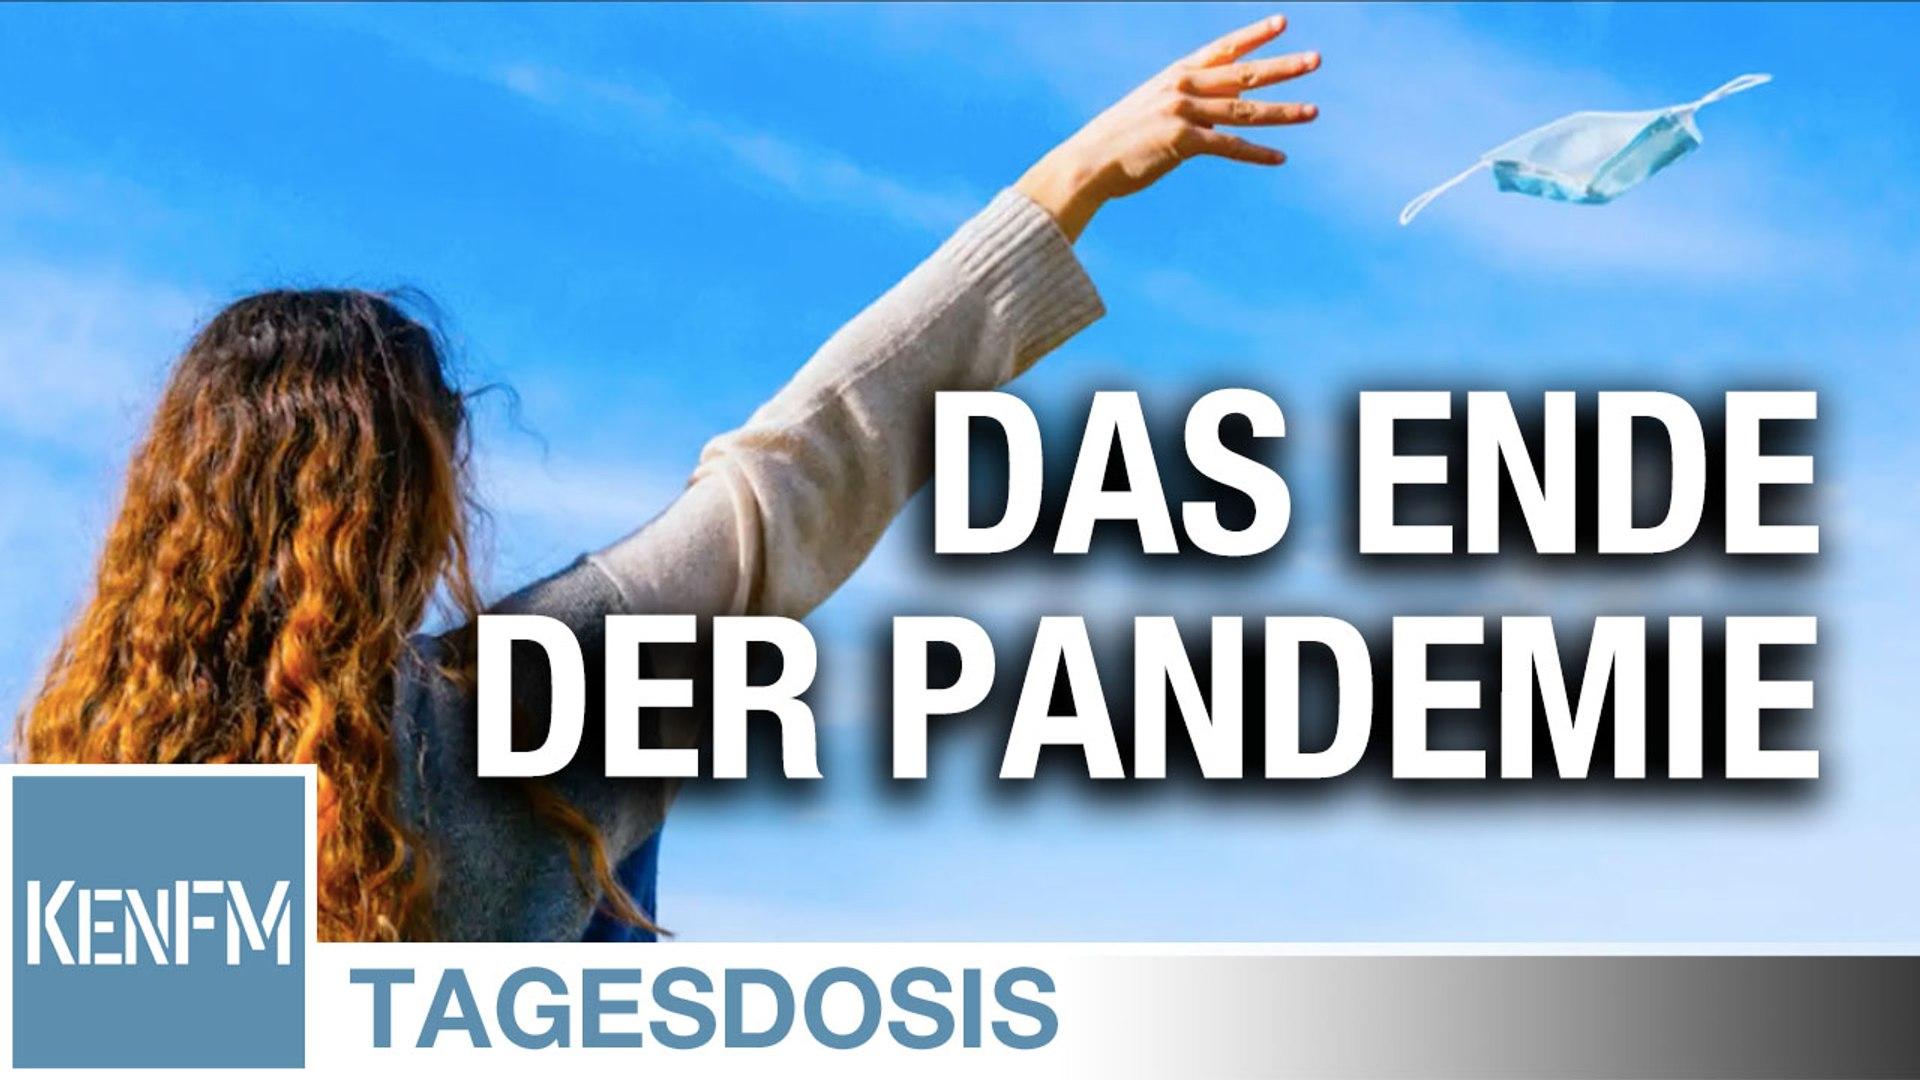 Das Ende der Pandemie - oder: Eine Zeitung für das Grundgesetz – Tagesdosis 24.6.2020